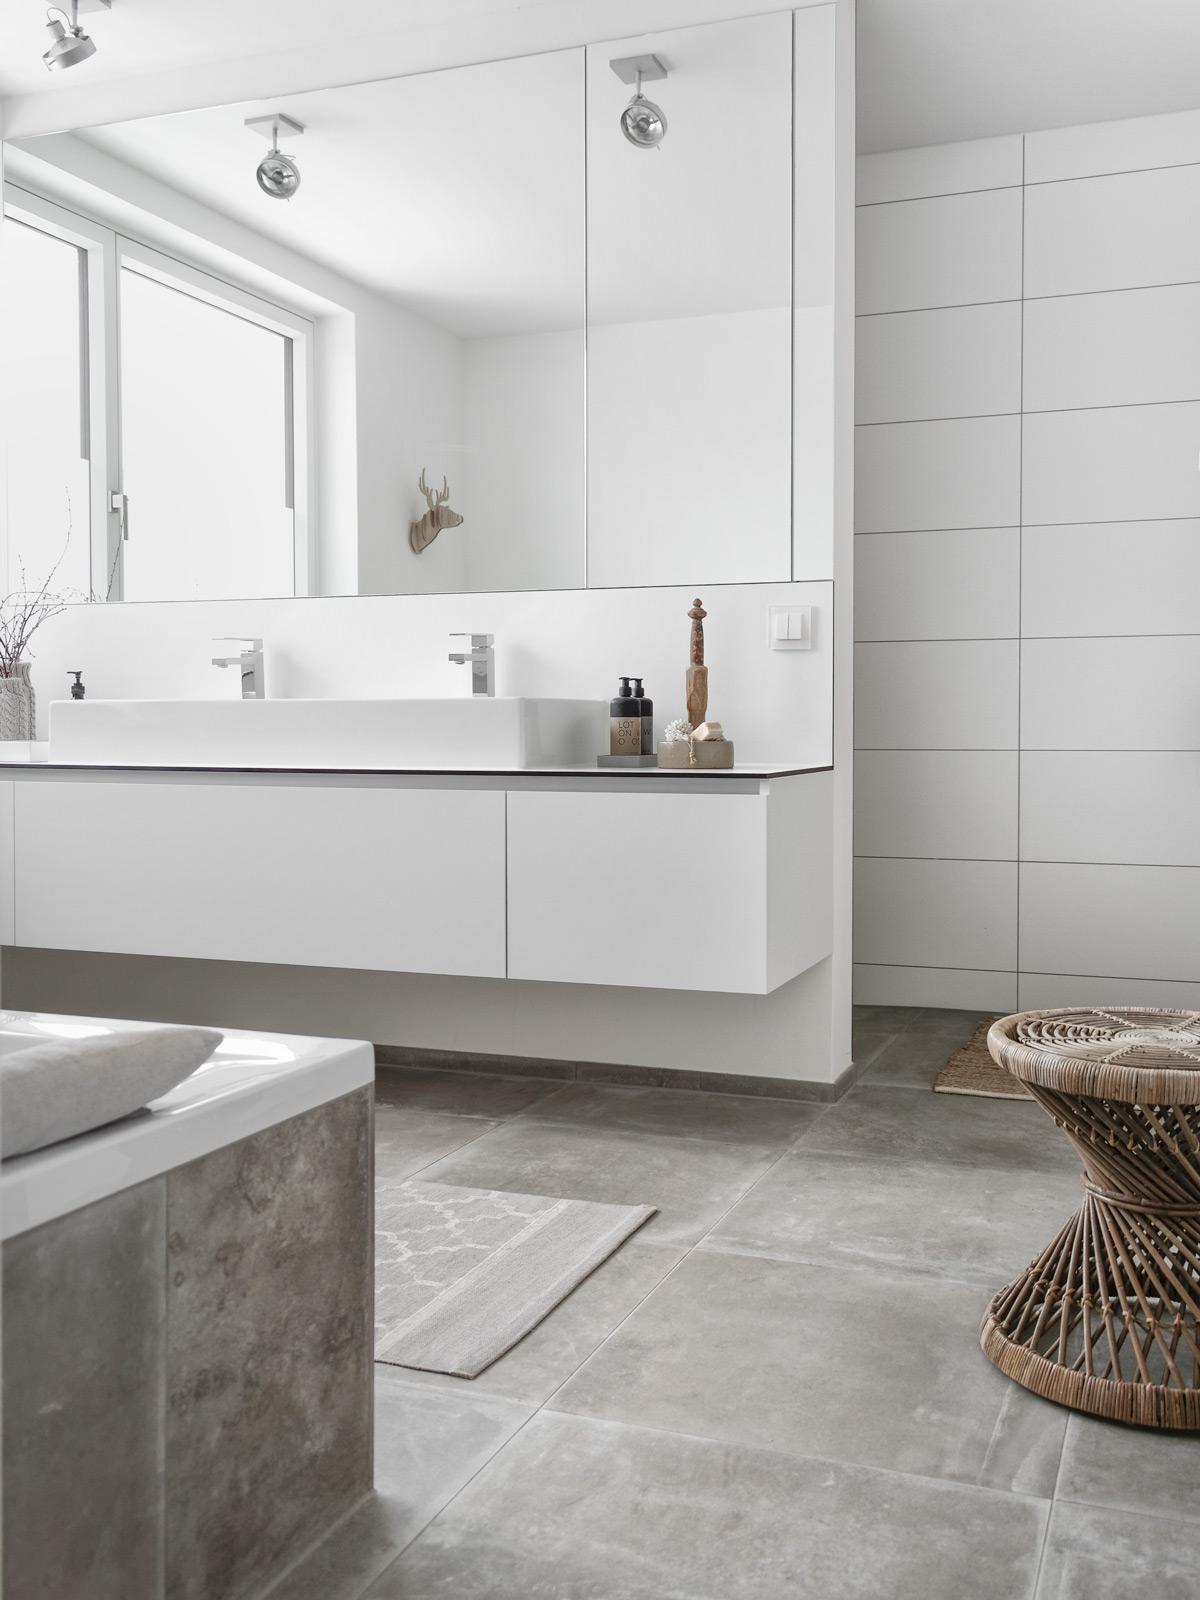 DEKORATION | Tipps für ein aufgeräumtes Badezimmer - mxliving